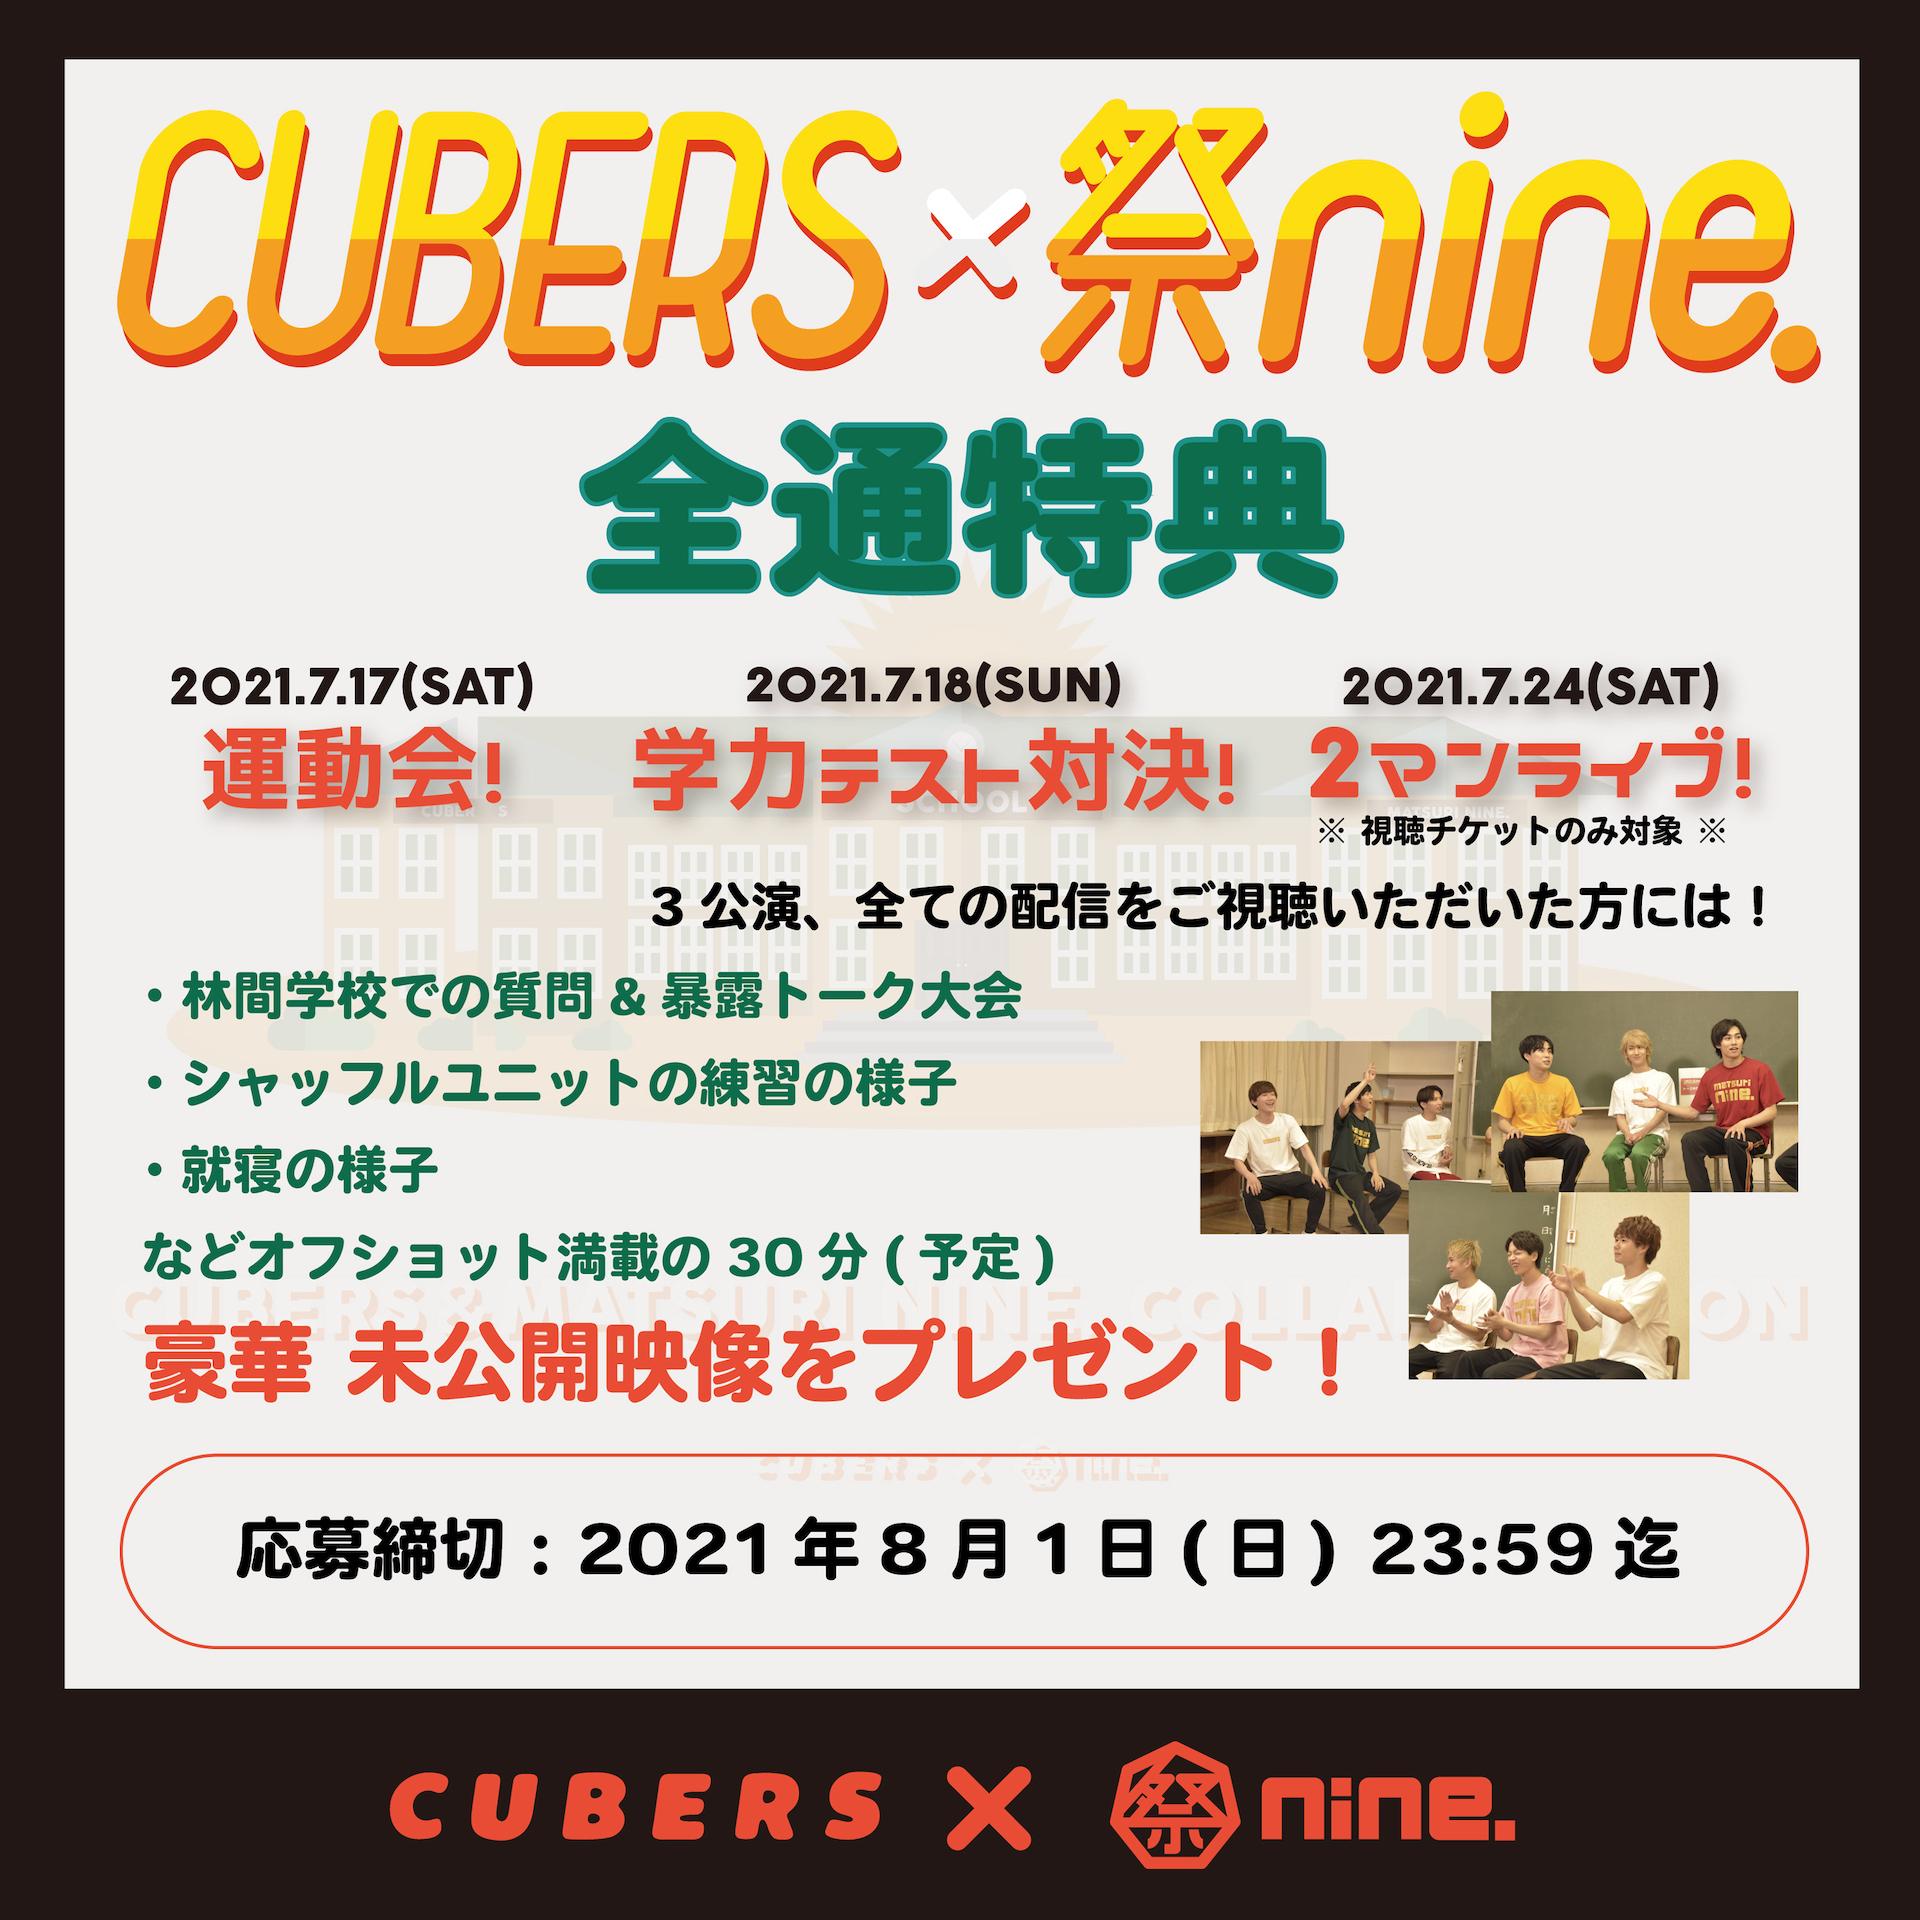 【NEWS】「CUBERS×祭nine. 1泊2日の林間学校」全通特典として豪華未公開映像をプレゼント決定!